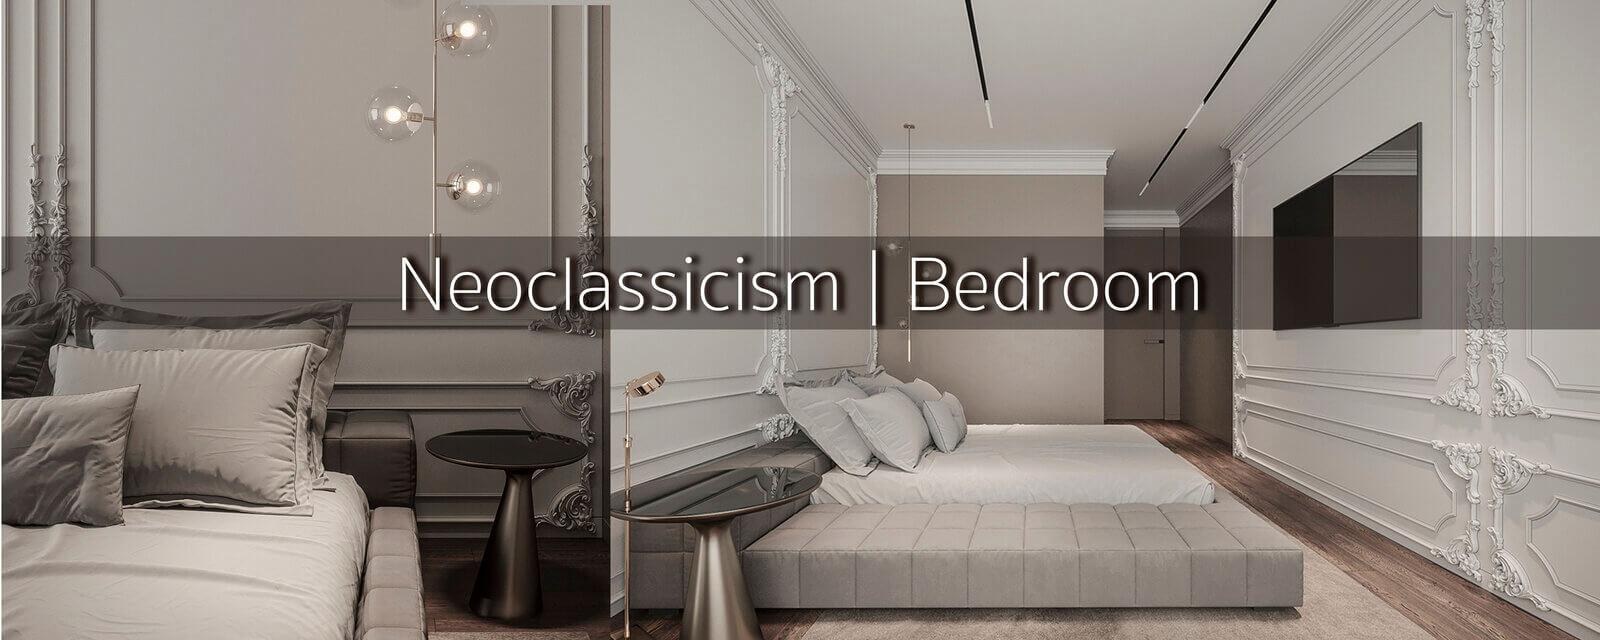 Neoclassicism | Bedroom